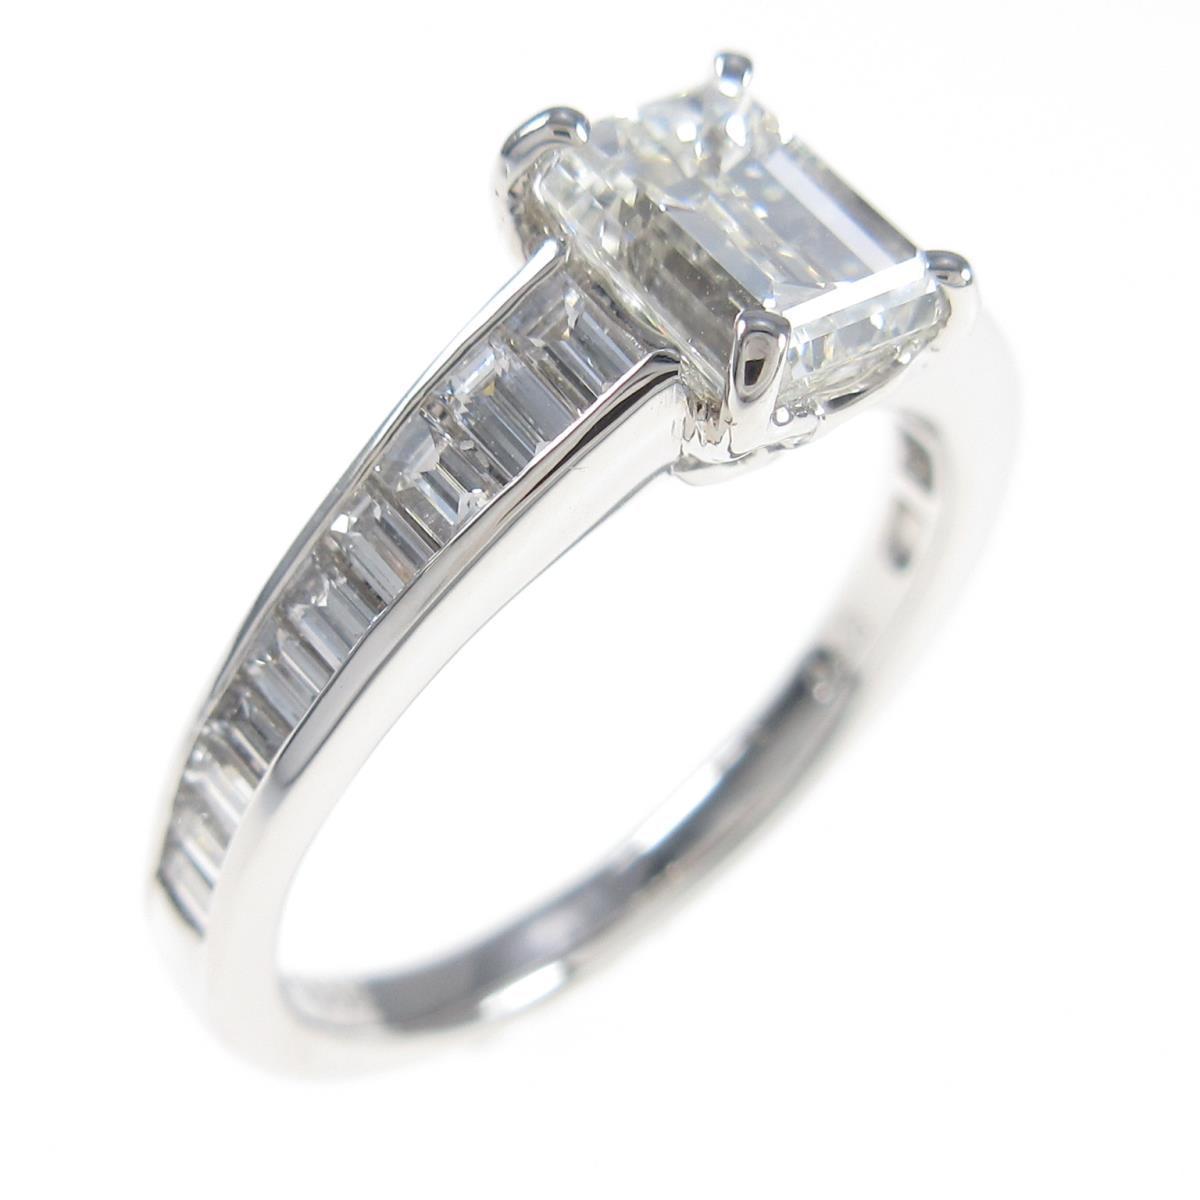 【リメイク】プラチナダイヤモンドリング 1.000ct・H・VS1・エメラルドカット【中古】